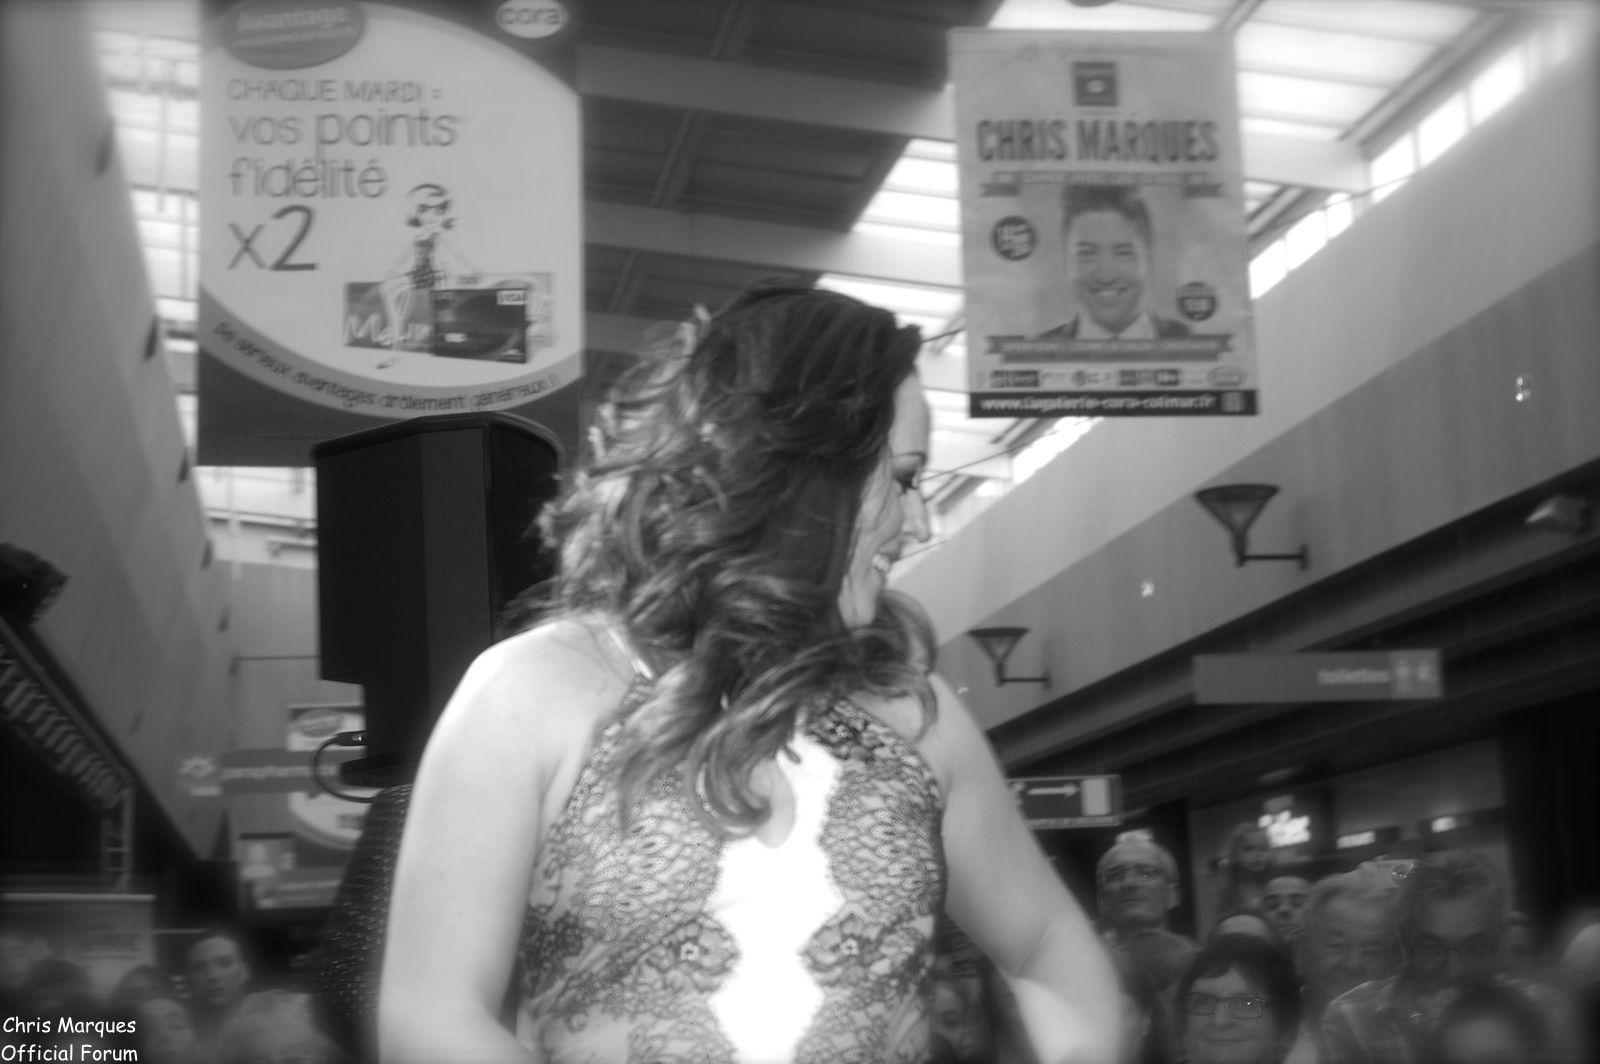 [14.06.2014] Evénement à #Colmar Chris Marques et Jaclyn Spencer pour un Flashmob/Cours de Danse/Dédicaces exceptionnels le tout organisé par la MJC de Colmar 10911